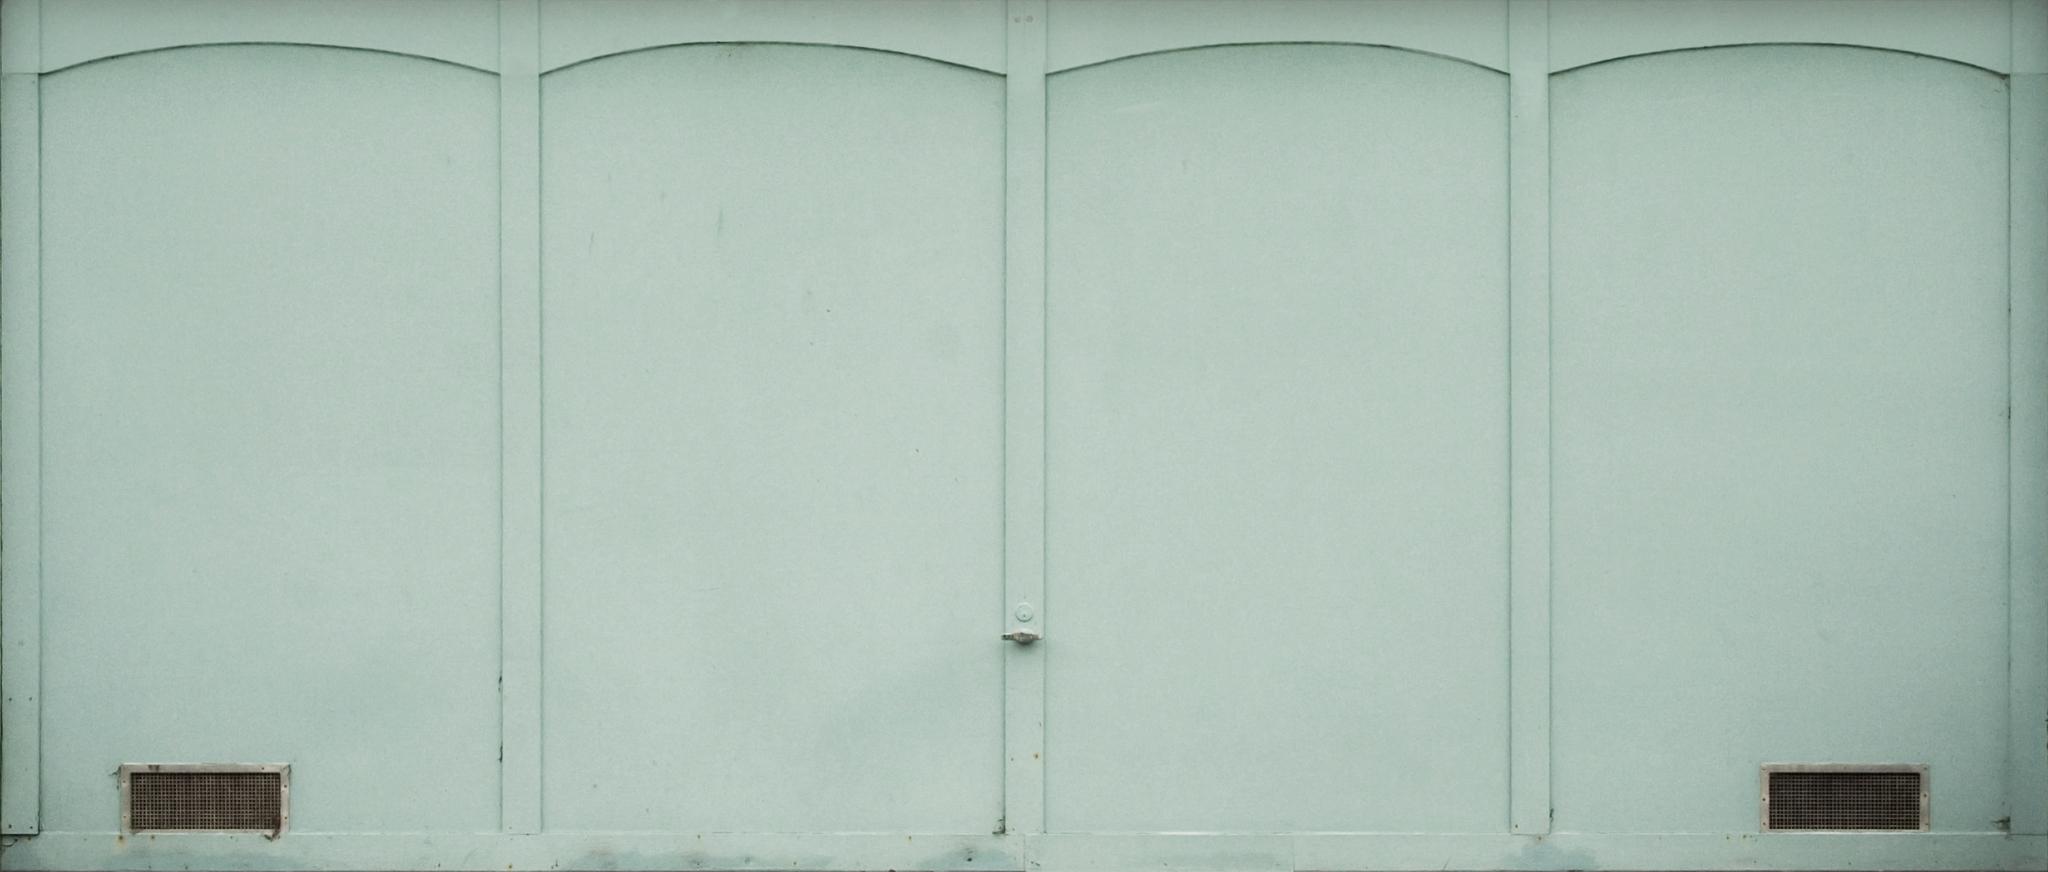 Bluish Garage Door.jpg